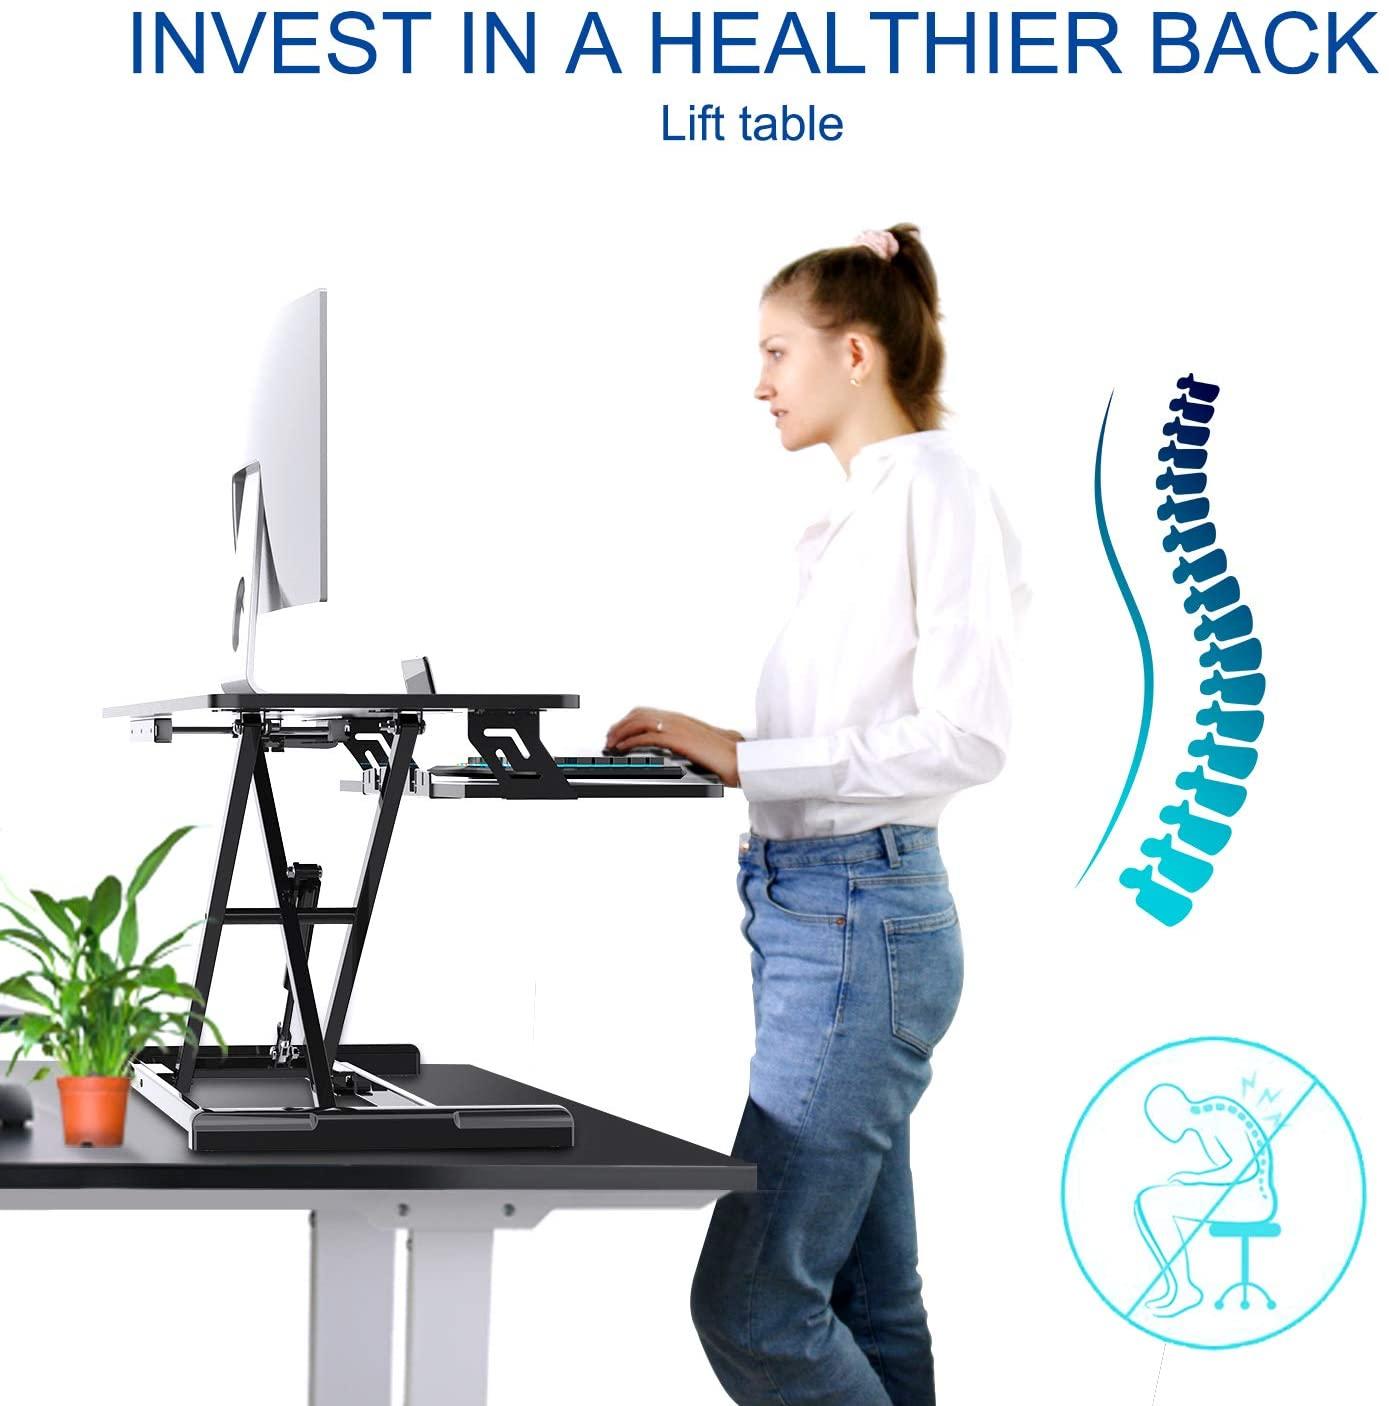 [US Direct] Original Smugdesk Standing Desk, Sit Stand Up Desk Height Adjustable Table 32 inch Standing Desk Converter, Ergonomic Tabletop Workstation Desk Riser, Home